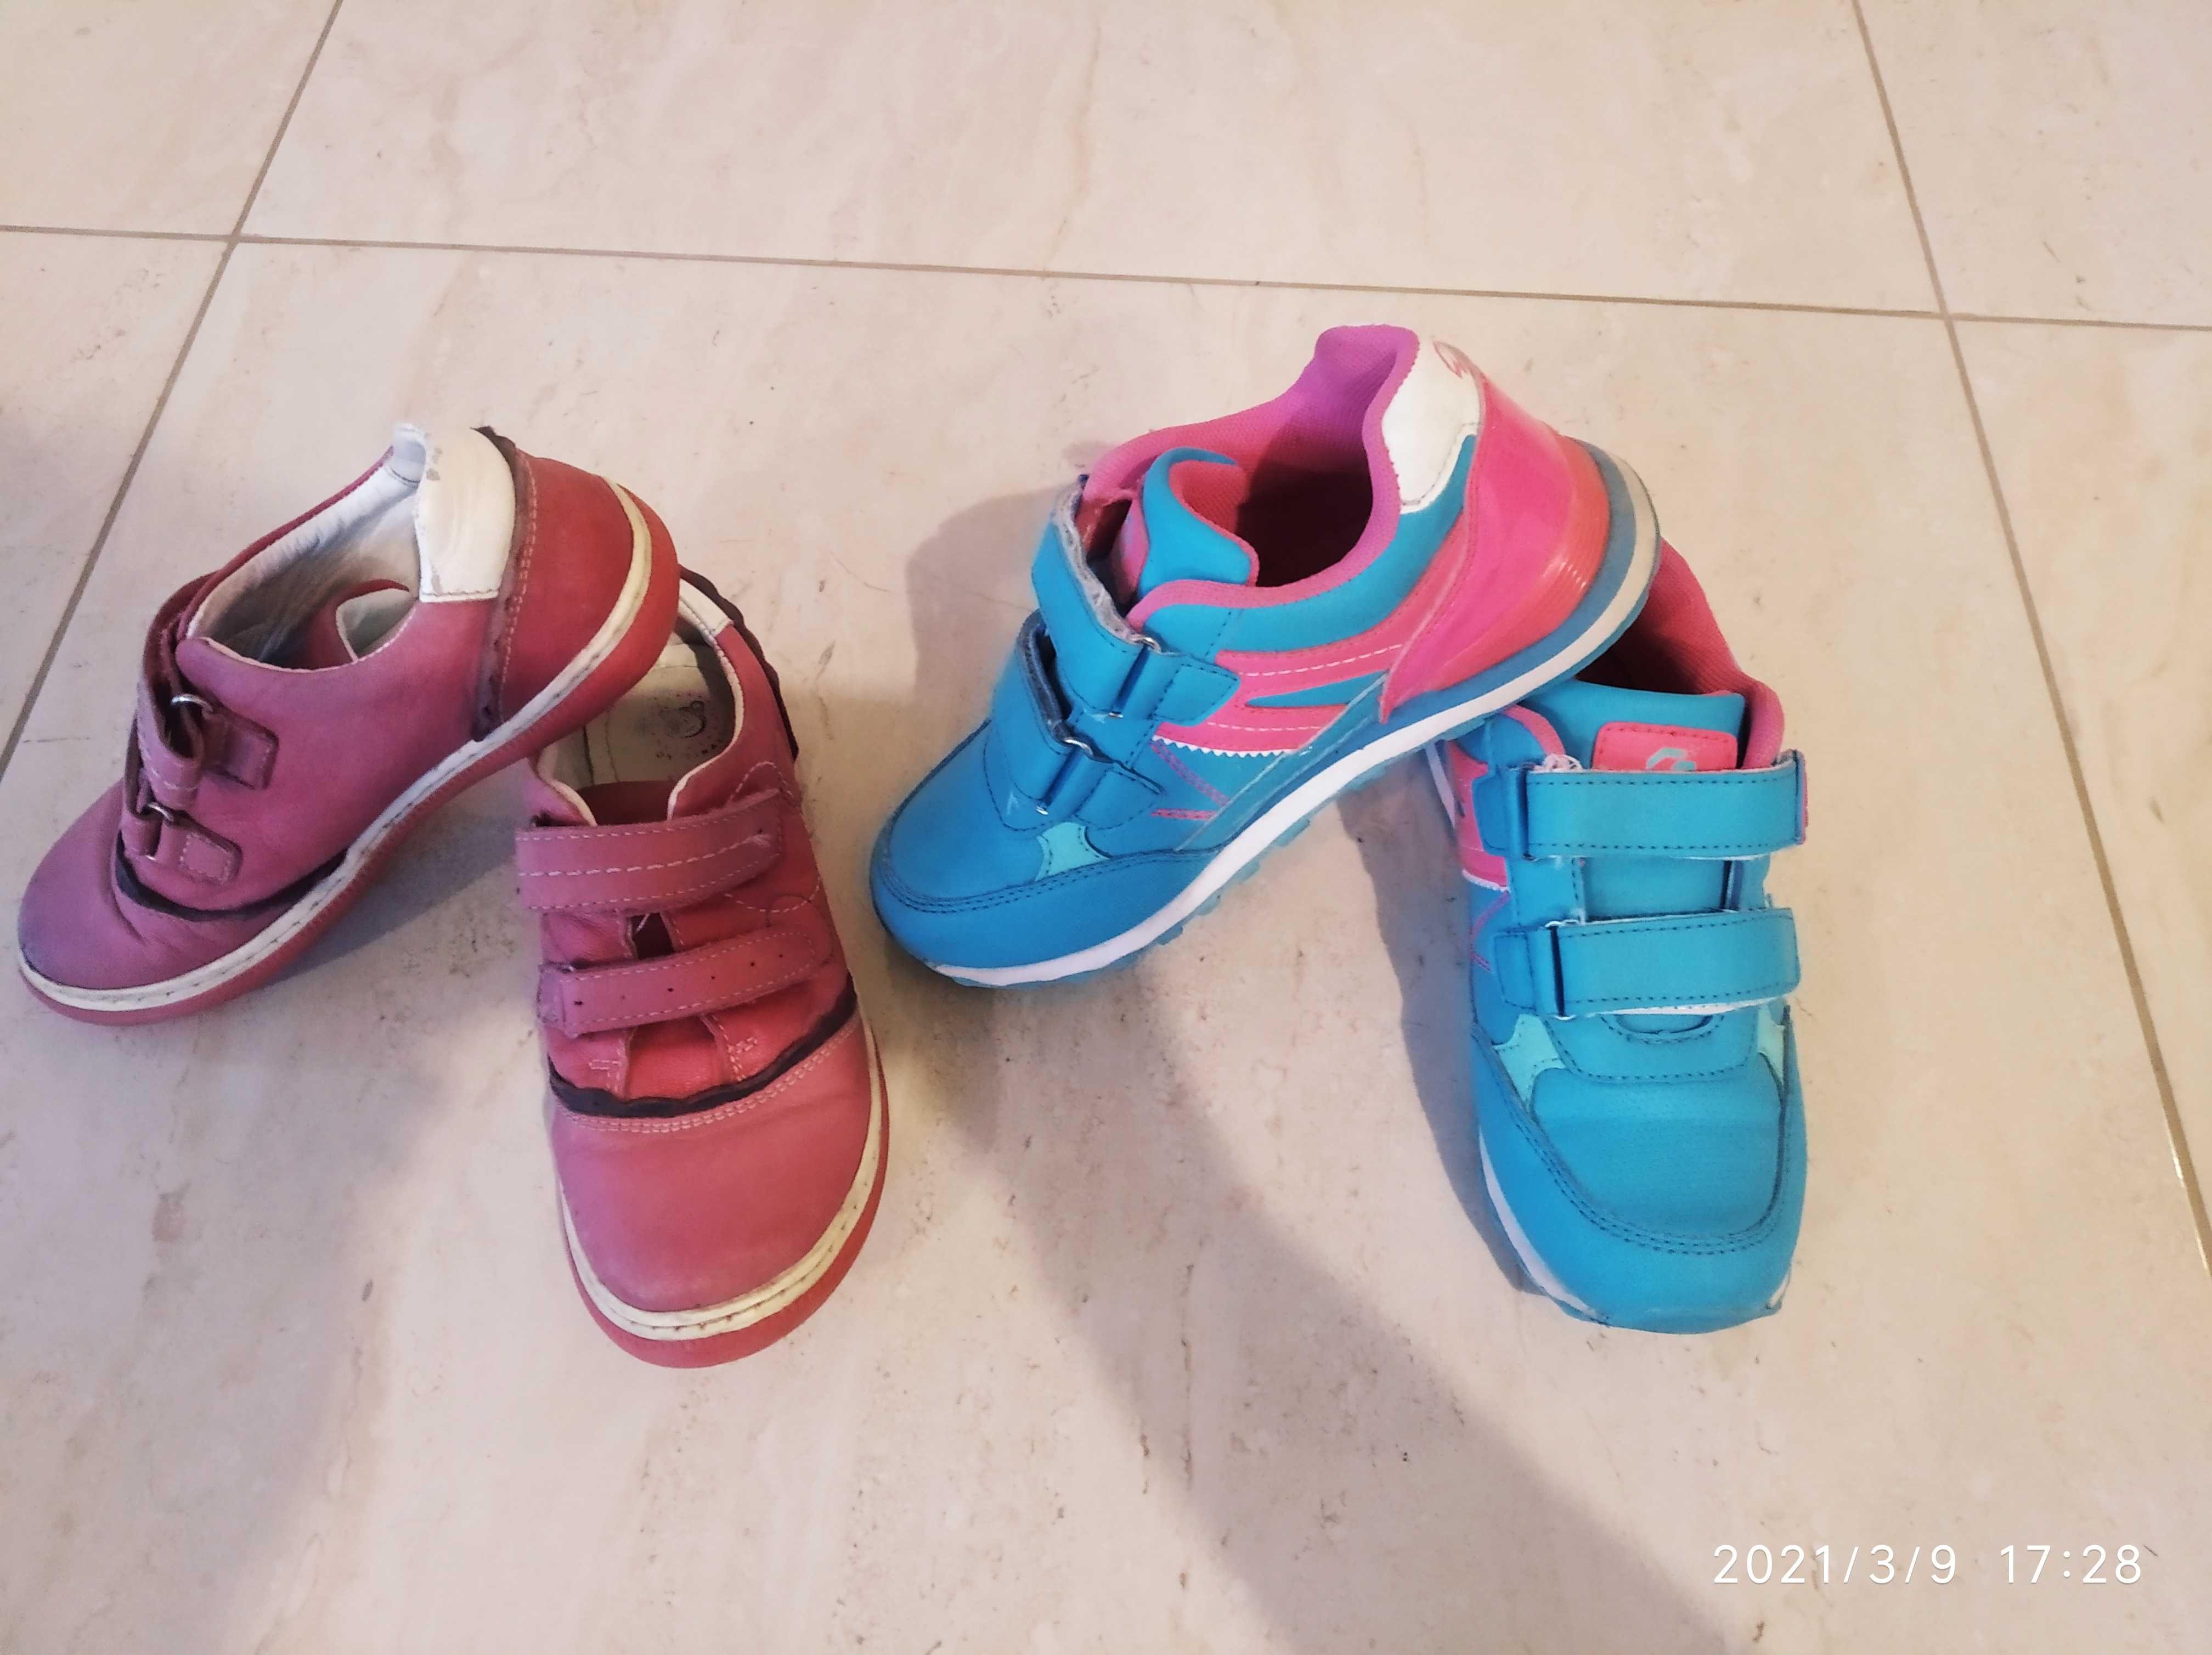 Półbuty Lasocki, adidasy- zestaw butów na wiosnę